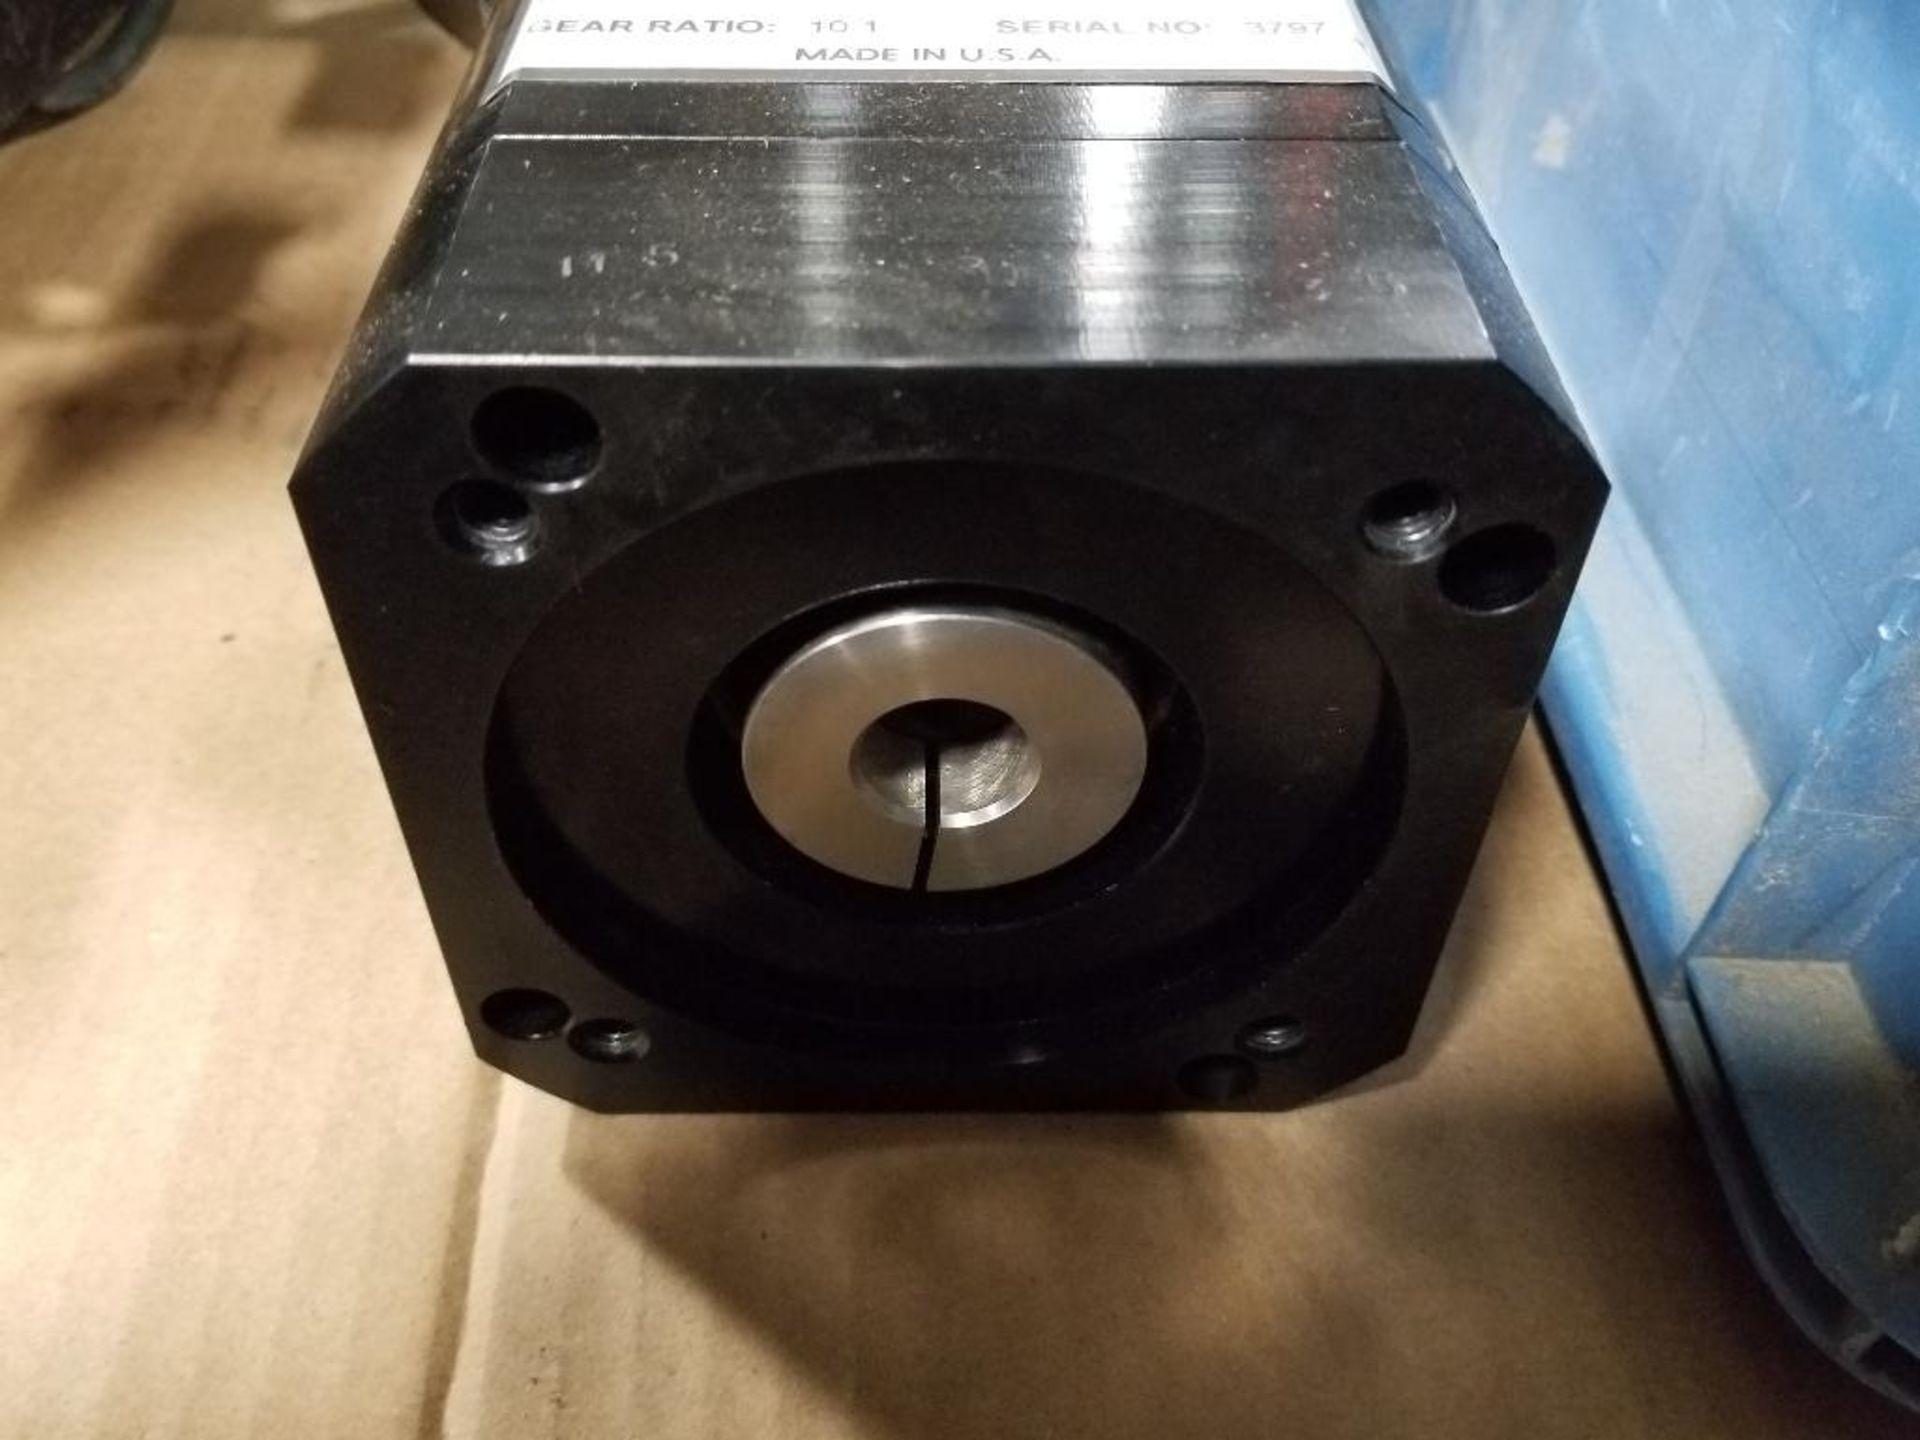 Allen Bradley 1326AB-PGA10-21 Precision Gearhead. 10:1-Raito, Made in USA. - Image 3 of 4